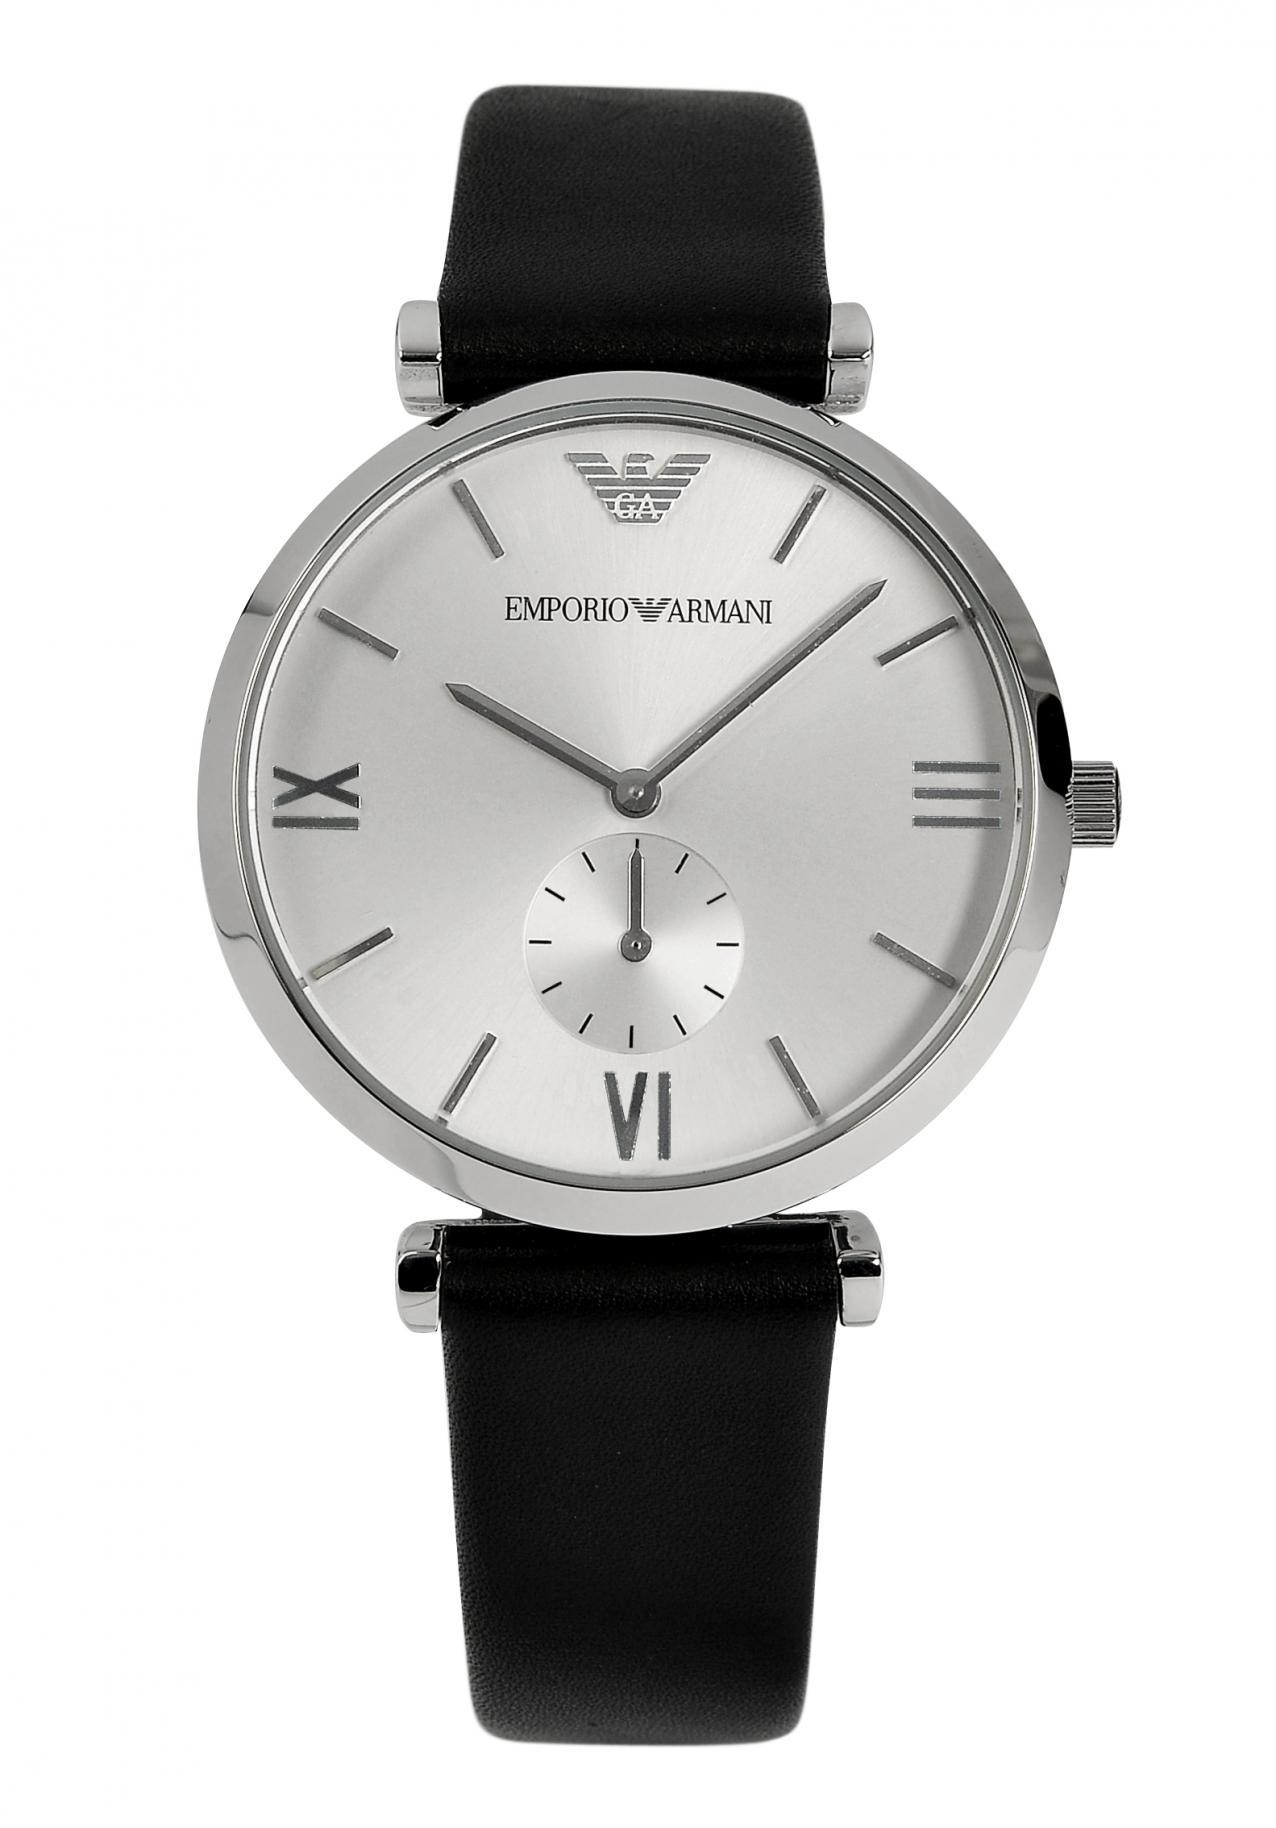 Меня устраивает, что я могу покупать часы в интернет-магазине, потому что это обходиться мне гораздо дешевле, чем, если покупать в простых торговых точках.